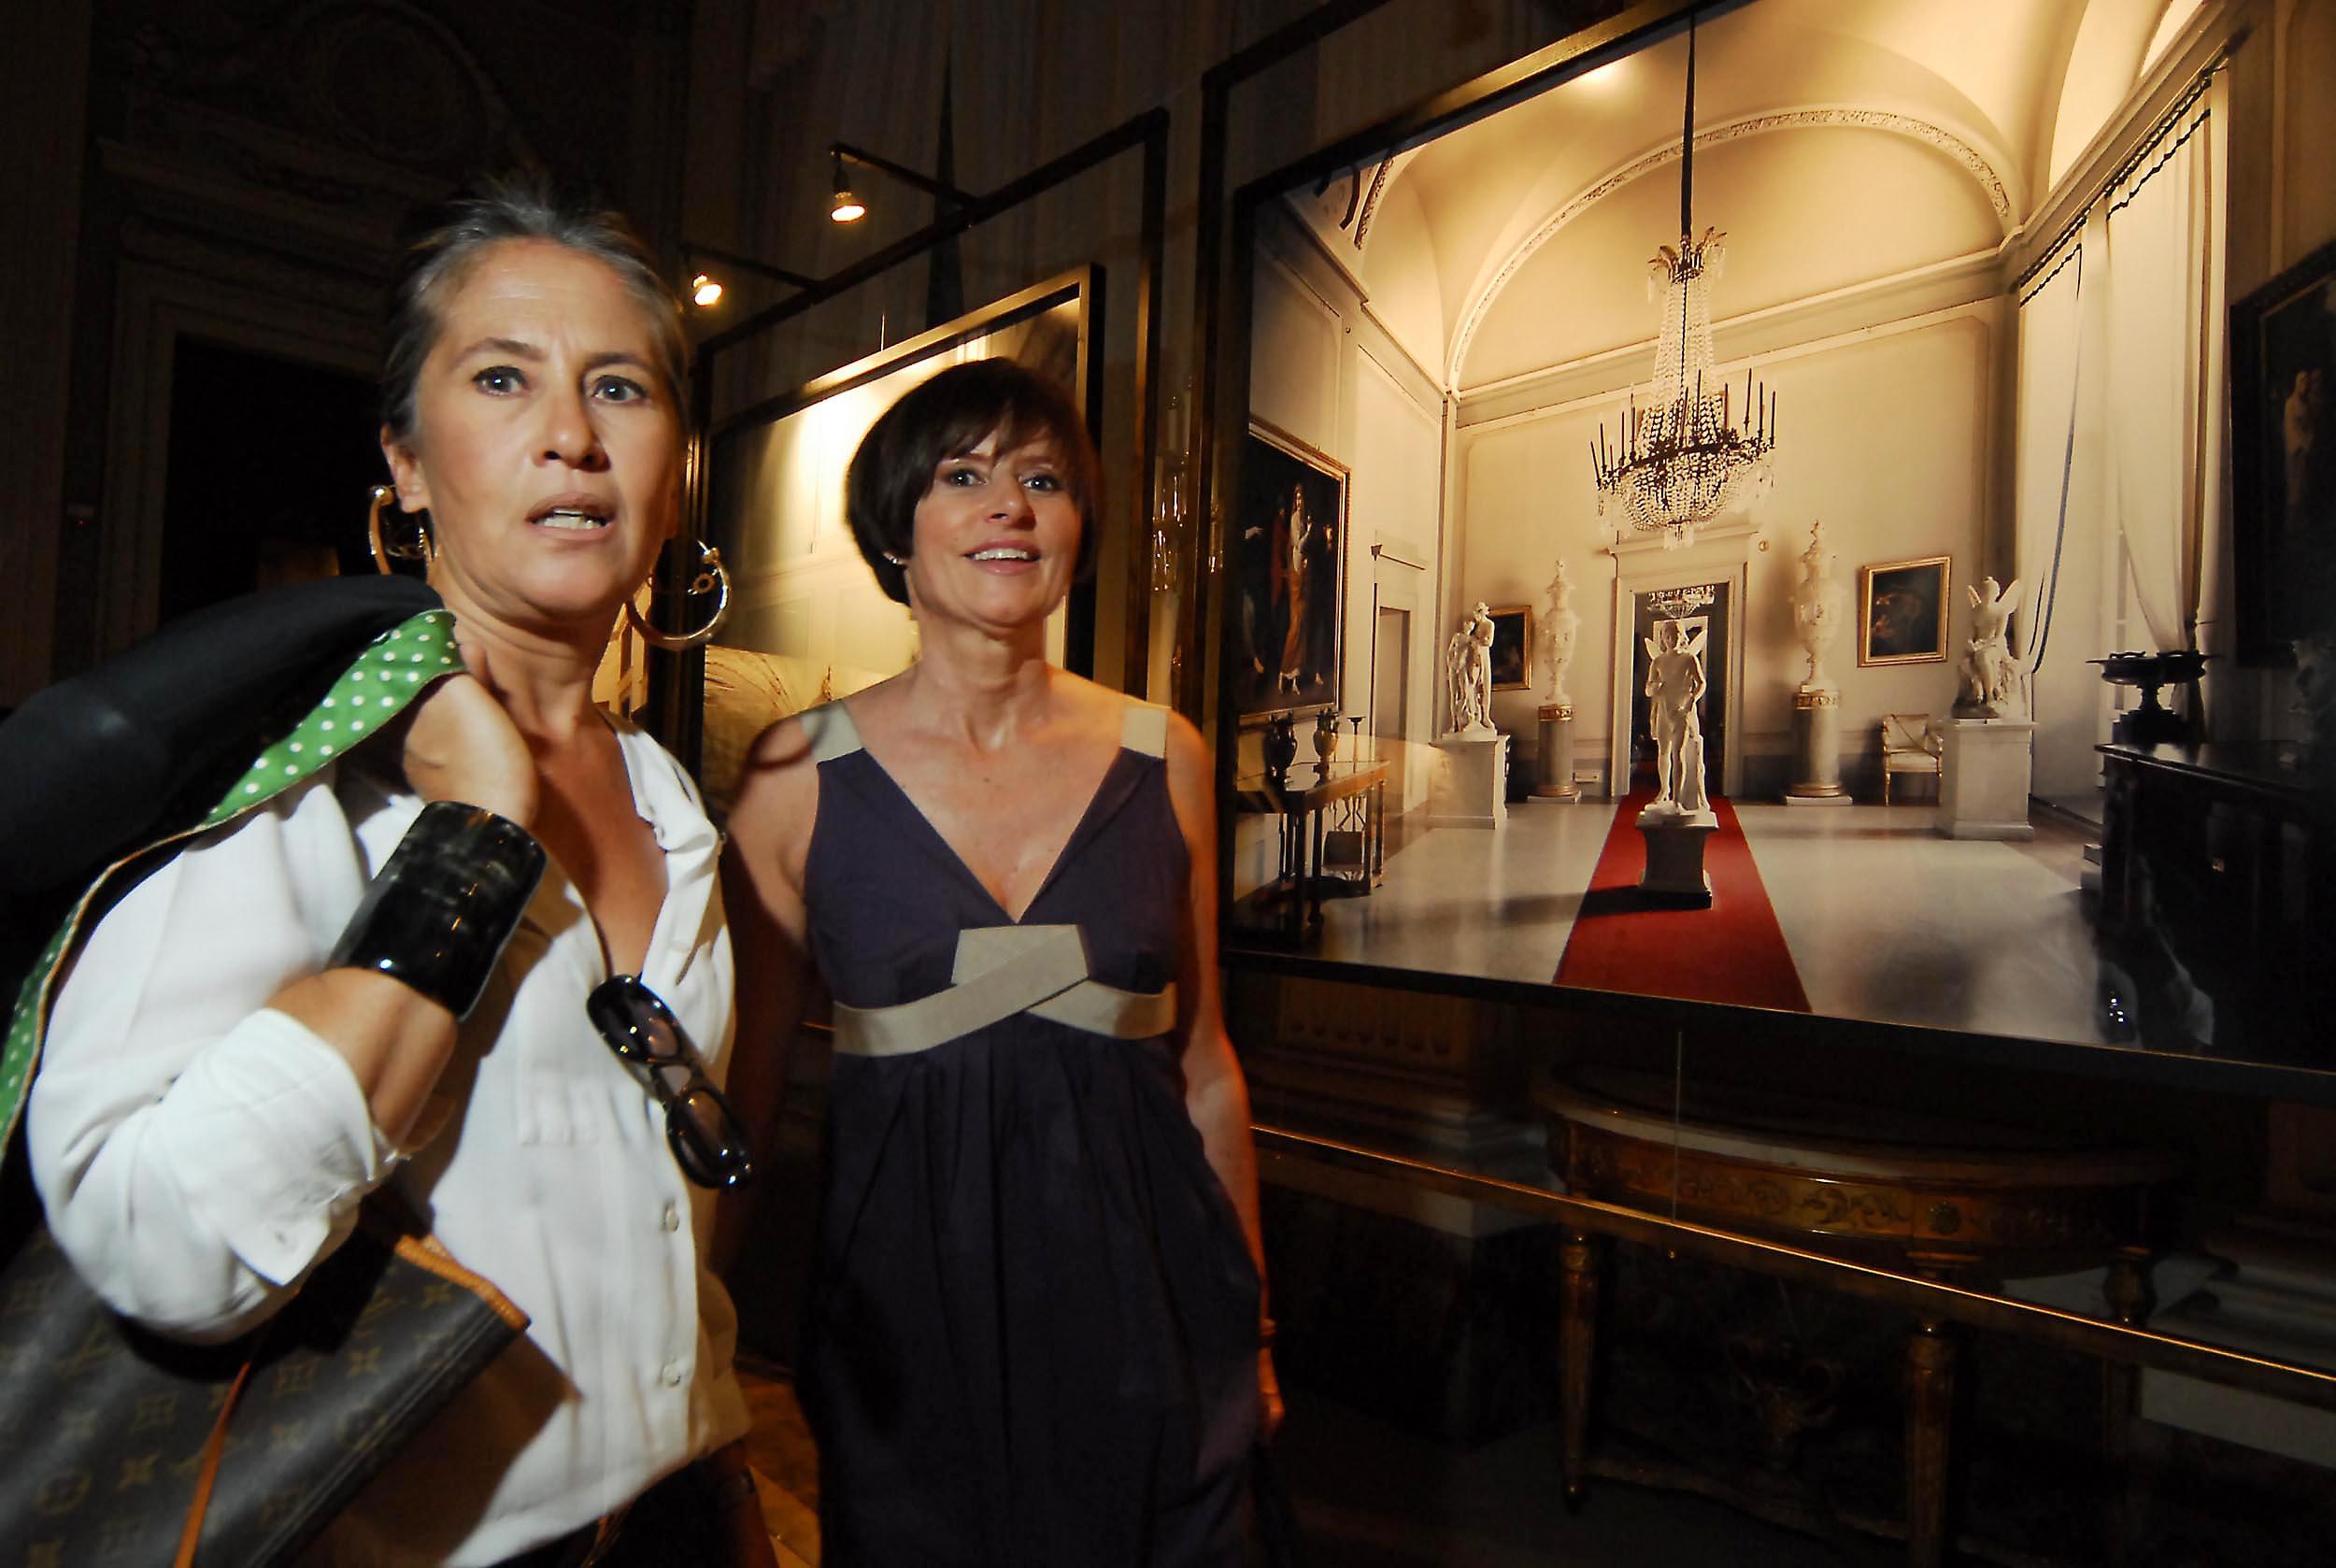 PRESSPHOTO  Firenze, Palazzo Pitti Galleria Palatina, mostra fotografica di Massimo Listri. Nella foto Trudy Mazza e Donatella Calzolari